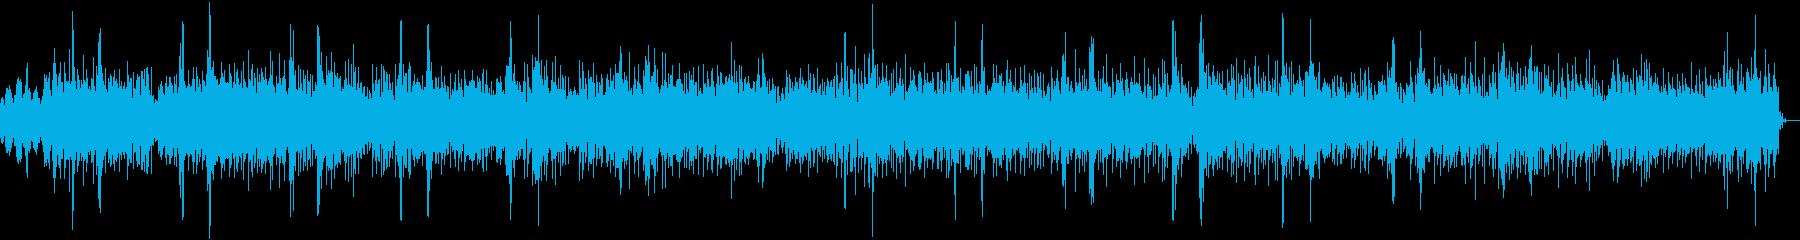 近未来的イメージからFunkyなCM用途の再生済みの波形